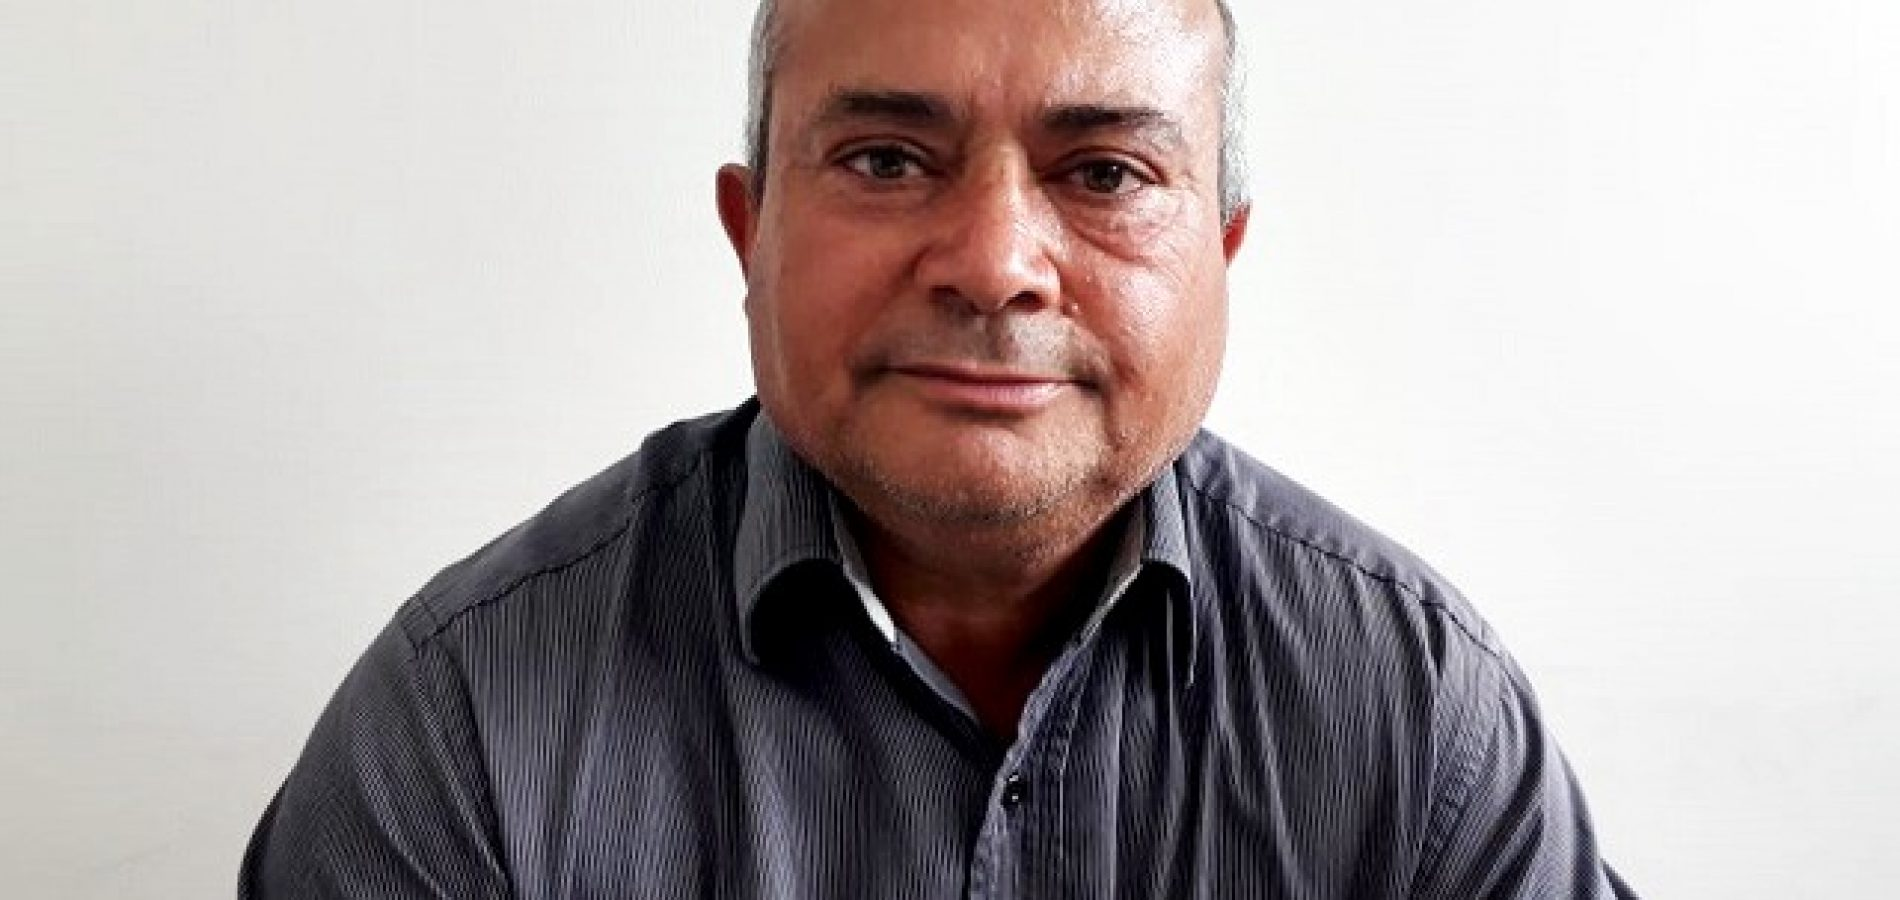 Carreata em apoio à Fernando Haddad (PT) será realizada em Picos nesta sexta (28)